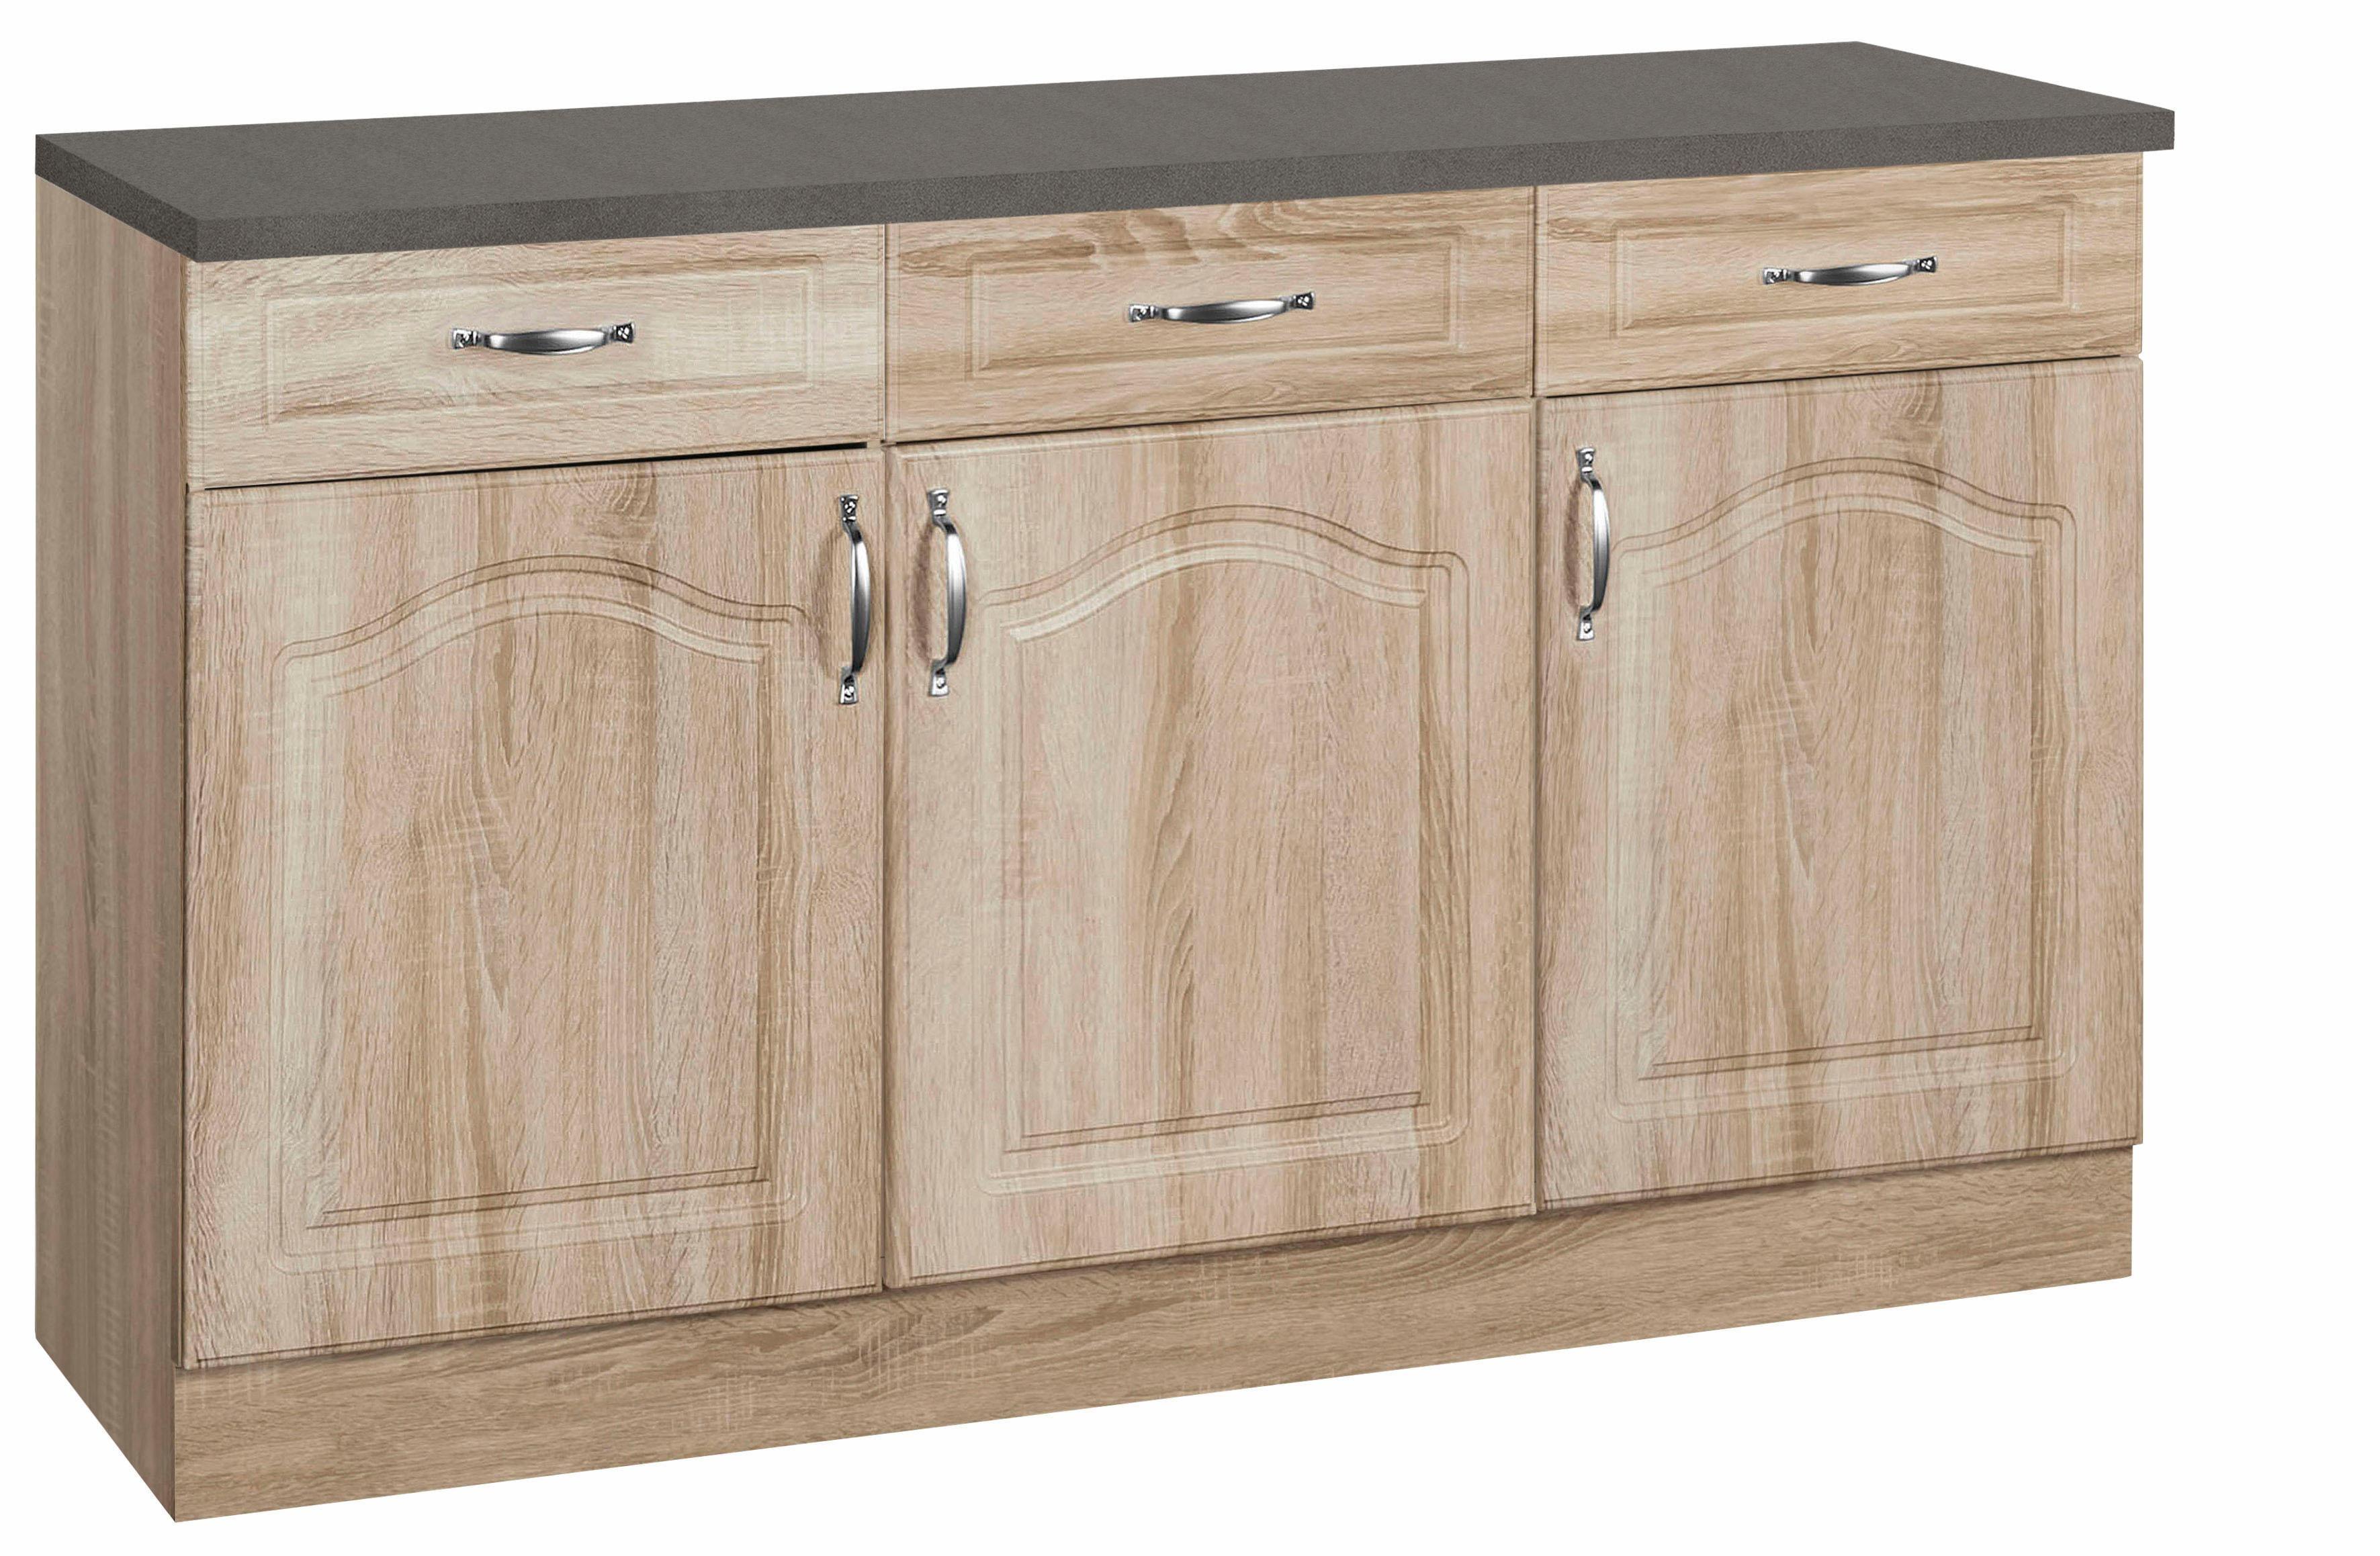 Wiho Küchen Unterschrank »Linz«, Breite 120 cm bestellen   BAUR